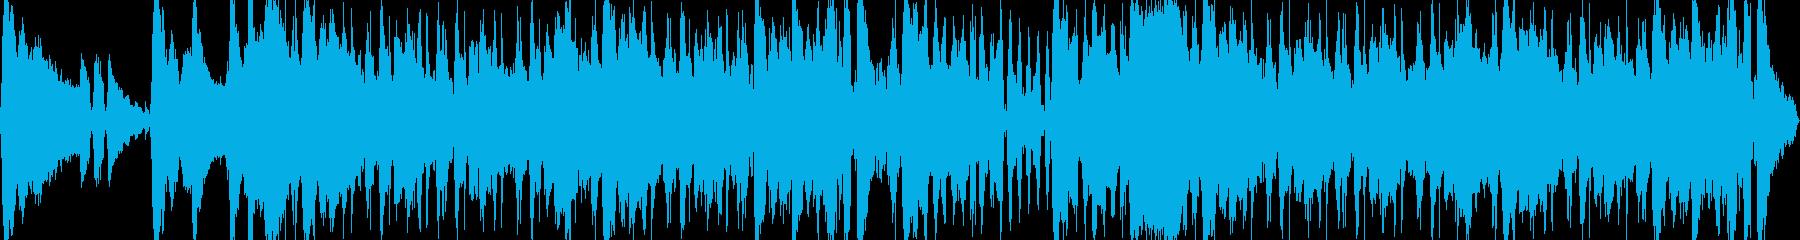 爽やかで疾走感のあるループBGMの再生済みの波形